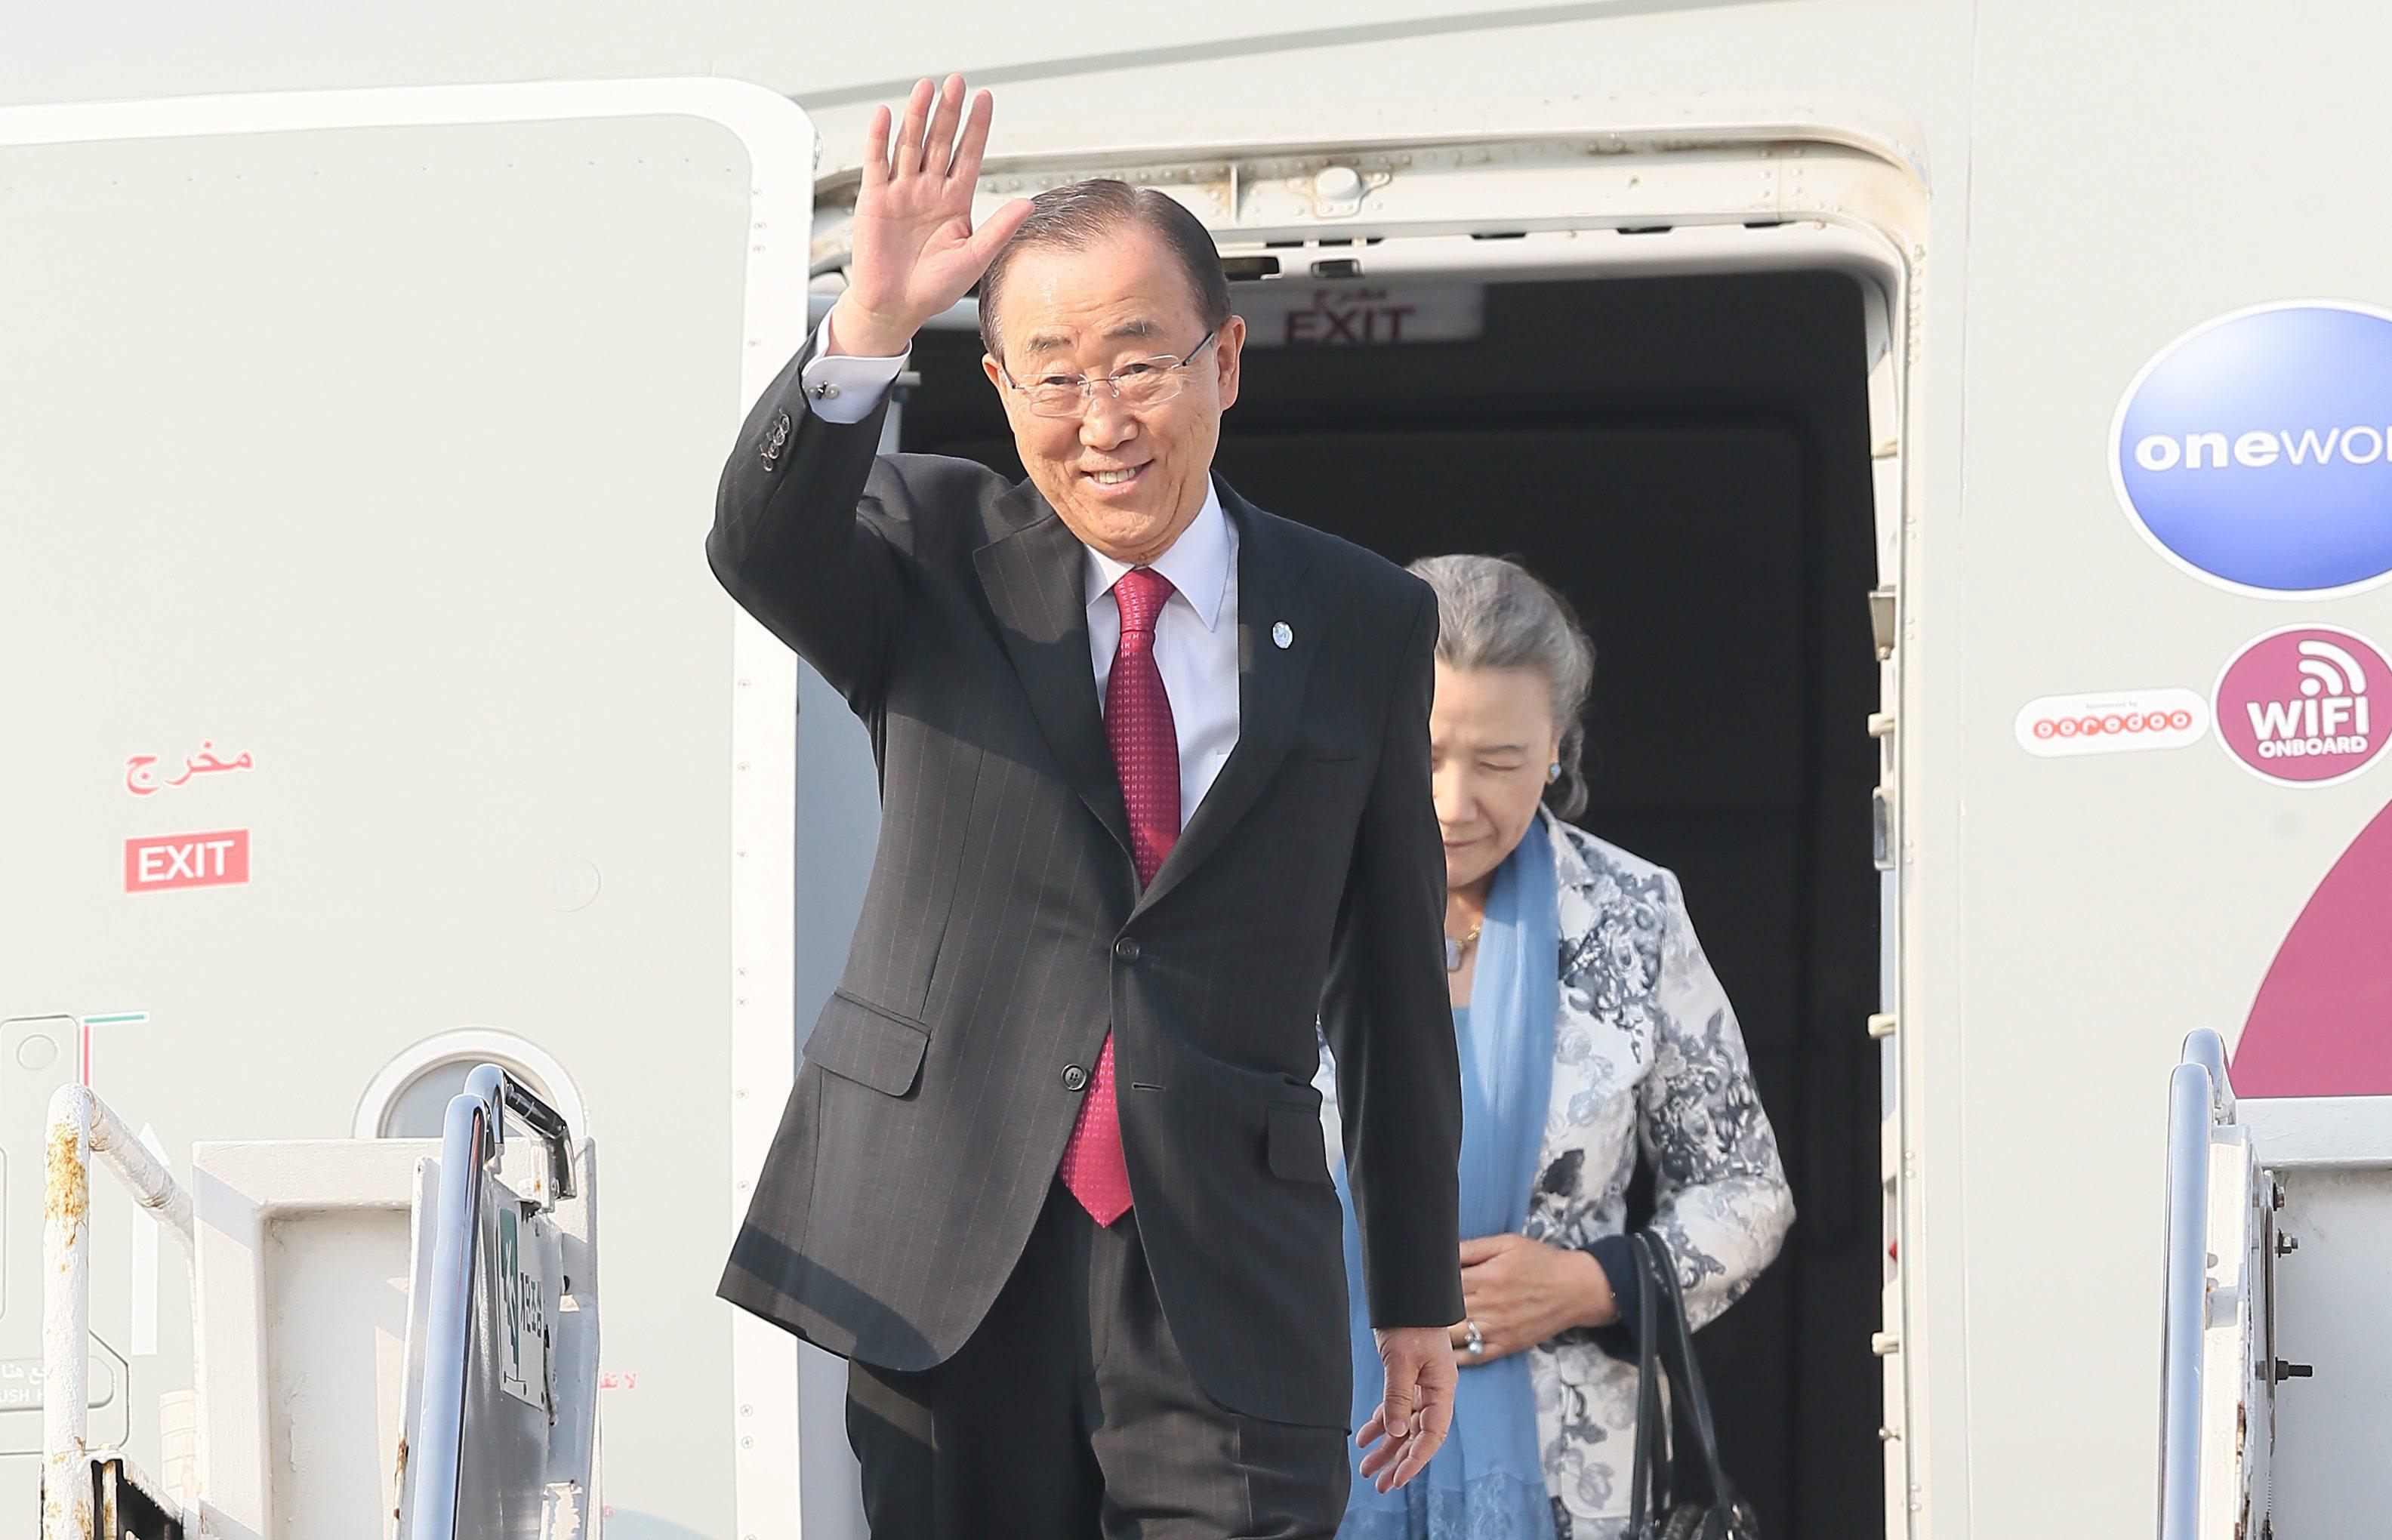 Secretário-geral da ONU apelou à responsabilidade na Guiné-Bissau para evitar escalada da violência